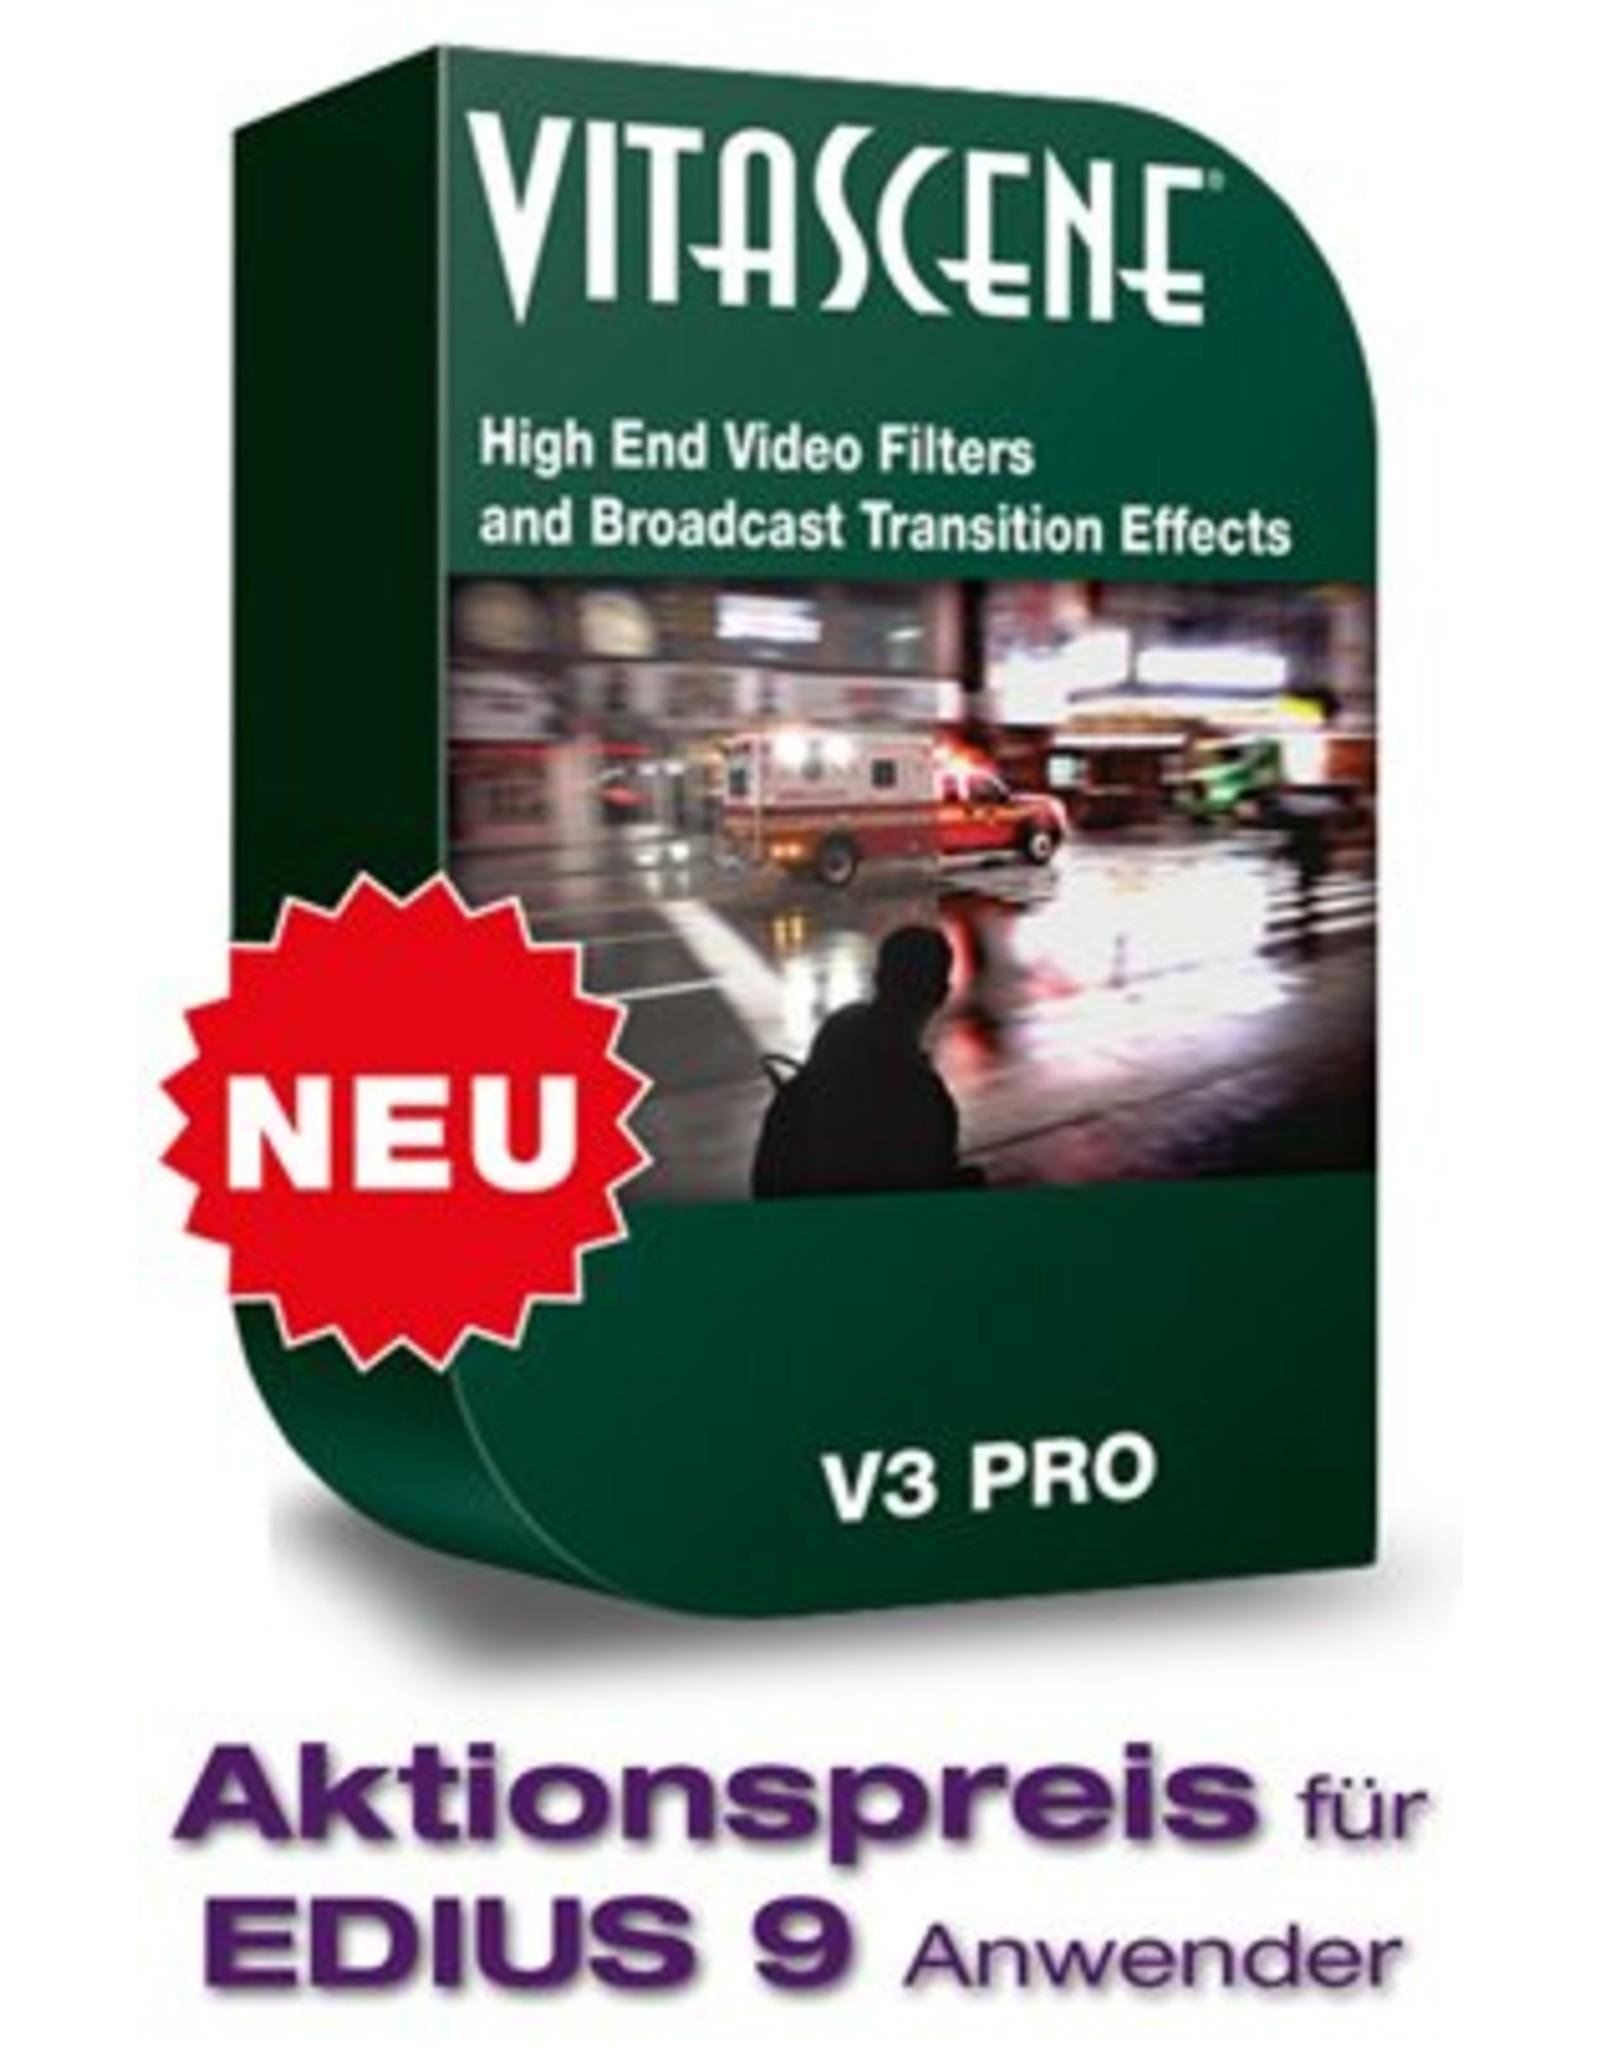 ProDAD ProDAD Vitascene V3 Pro Promo Plug-in for EDIUS 9